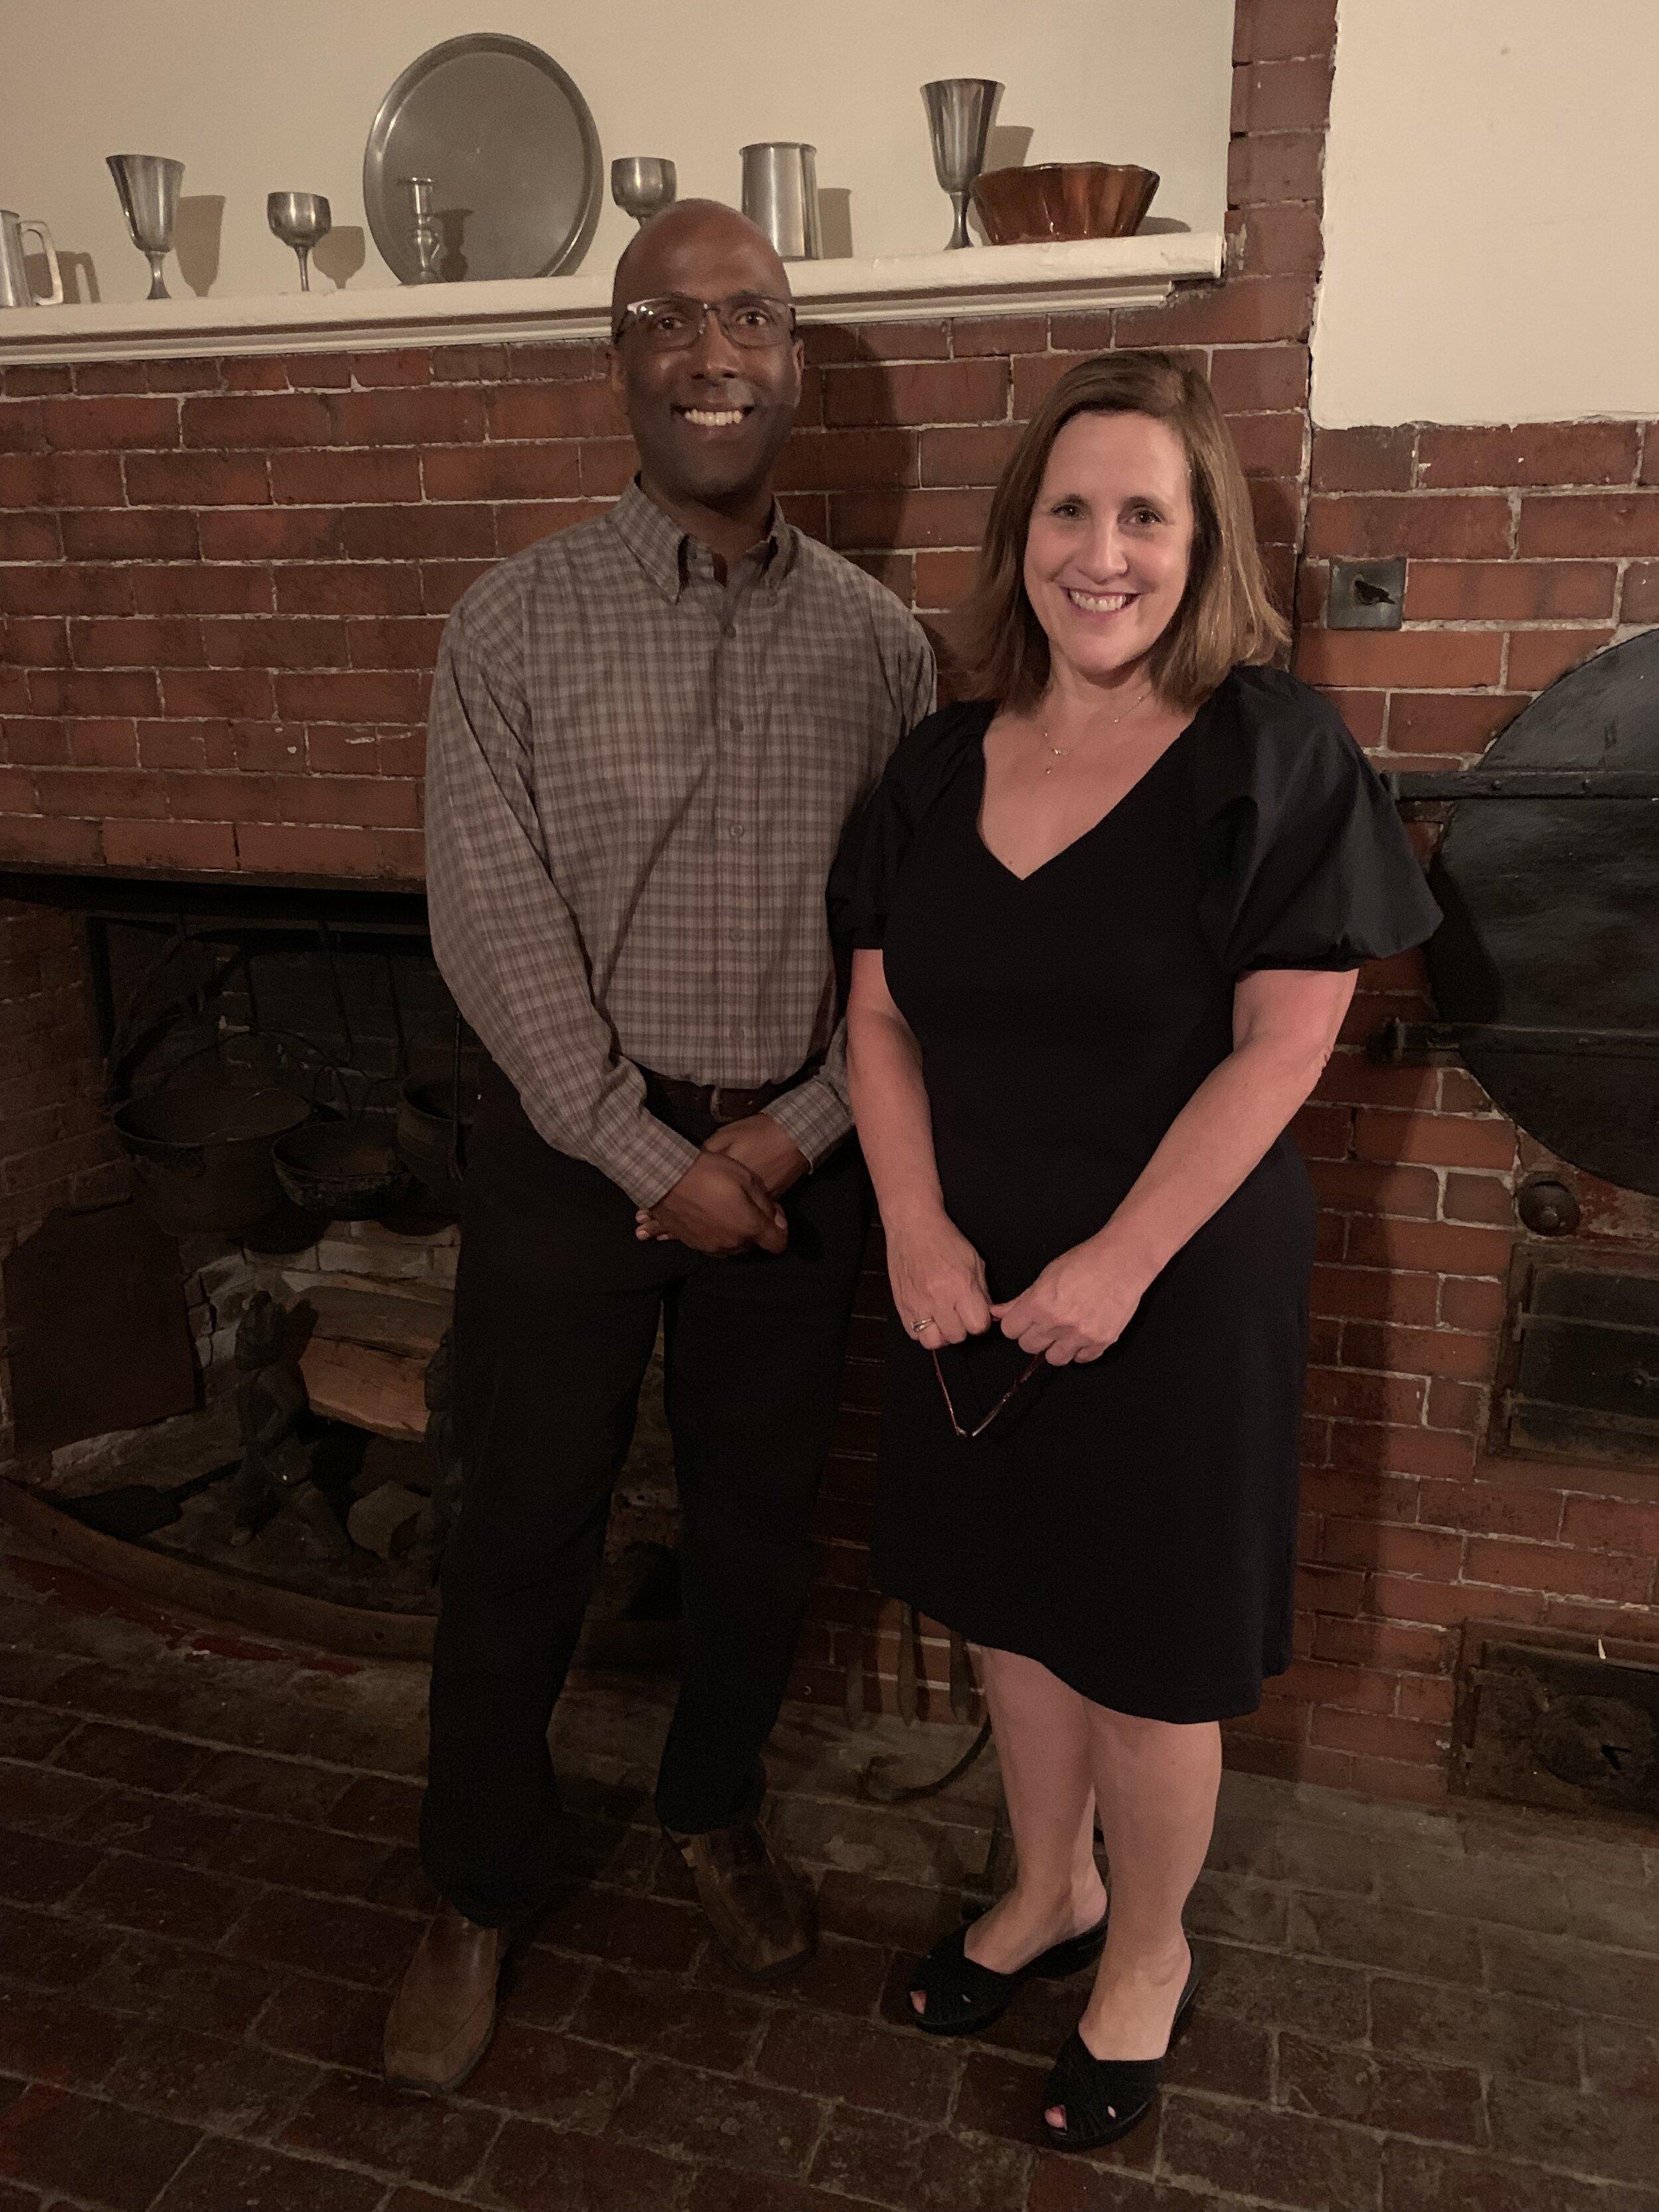 George Ford, Jr. , Remond descendant, and Dr. Donna Seger of Salem State University